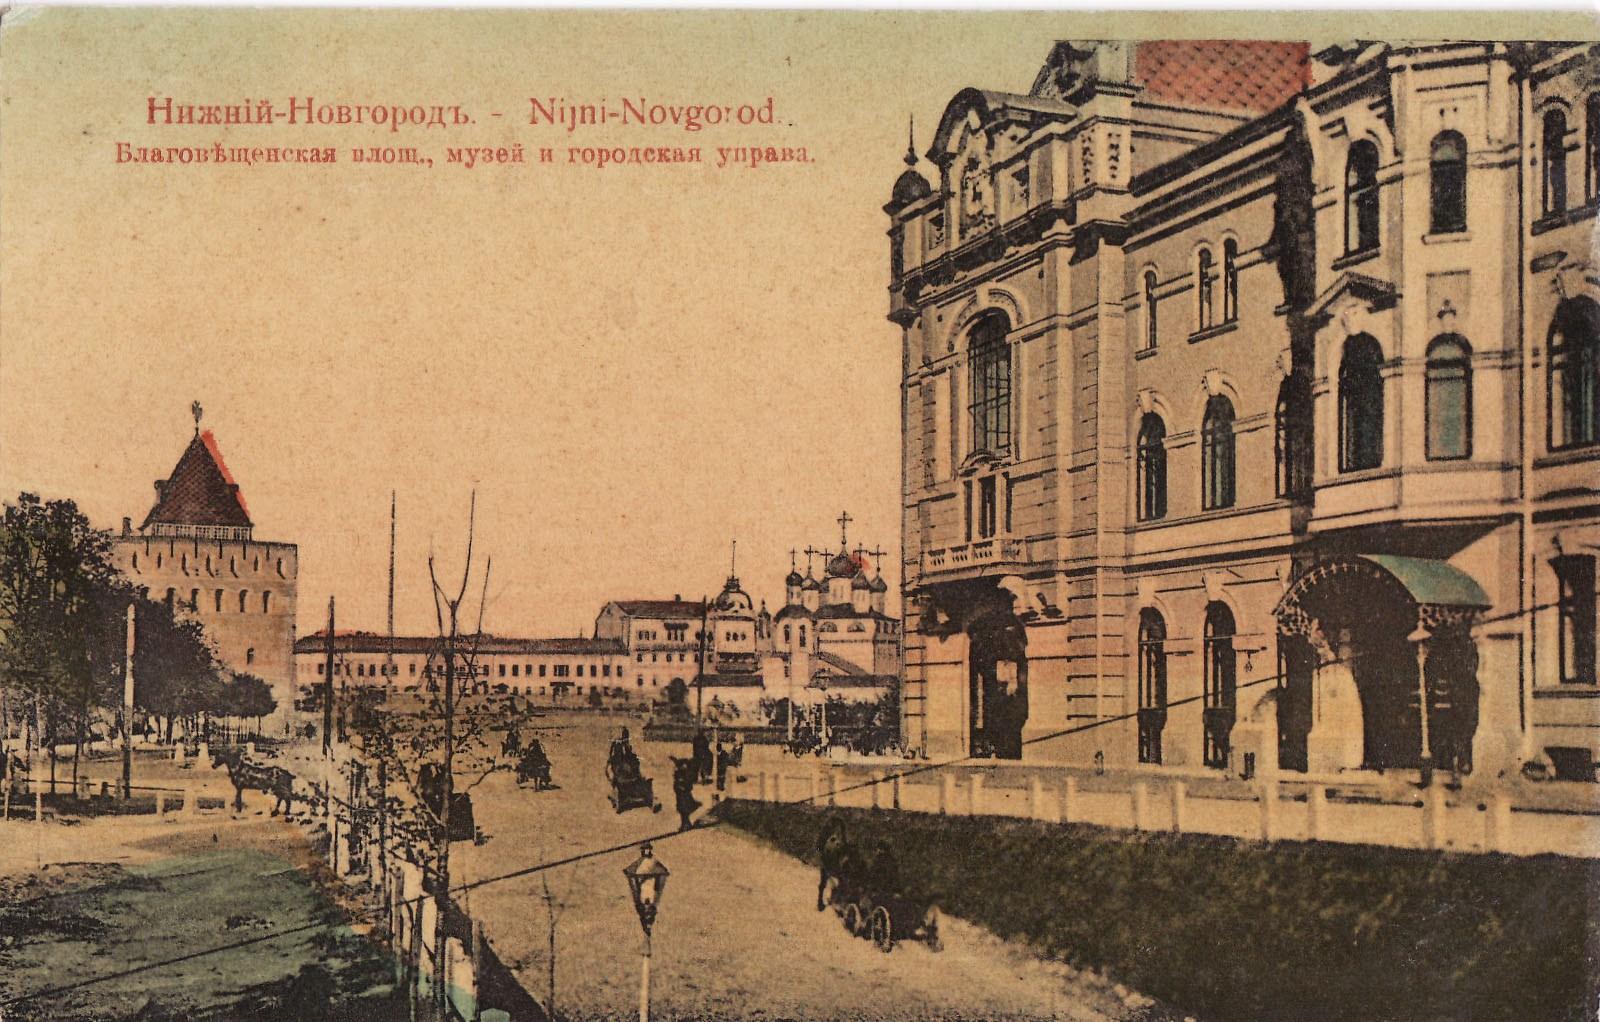 Благовещенская площадь, музей и городская управа